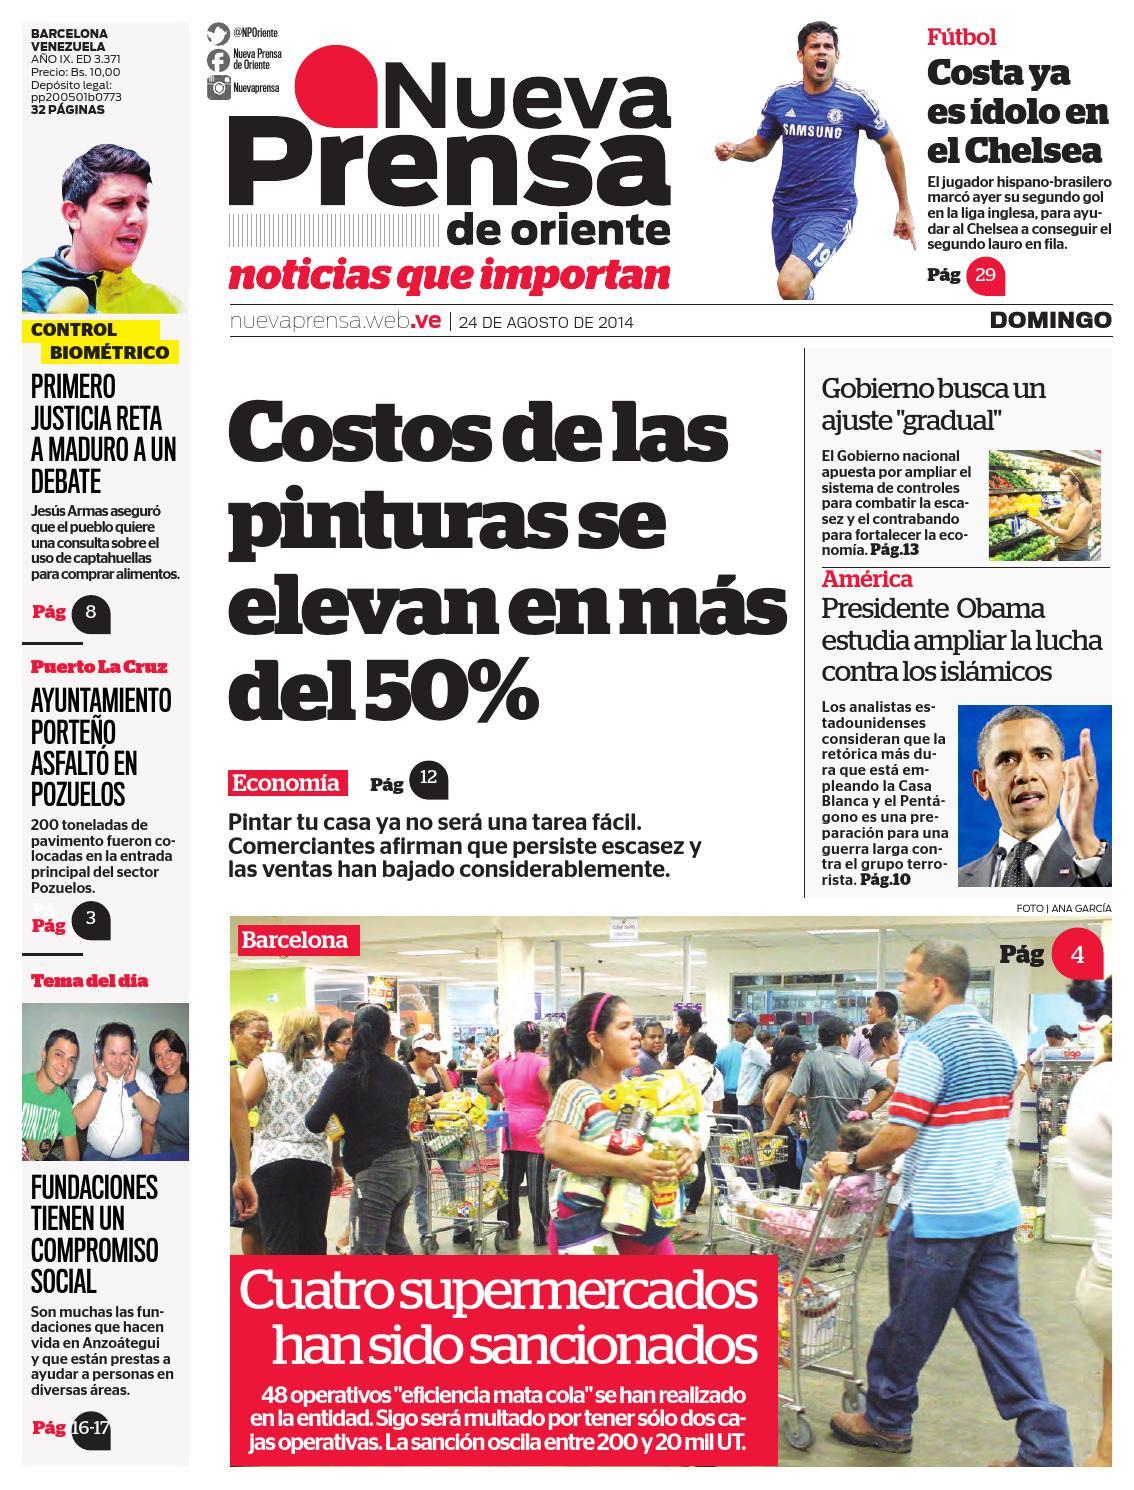 24 DE AGOSTO DE 2014 by Nueva Prensa de Oriente - issuu 2c62660bac725